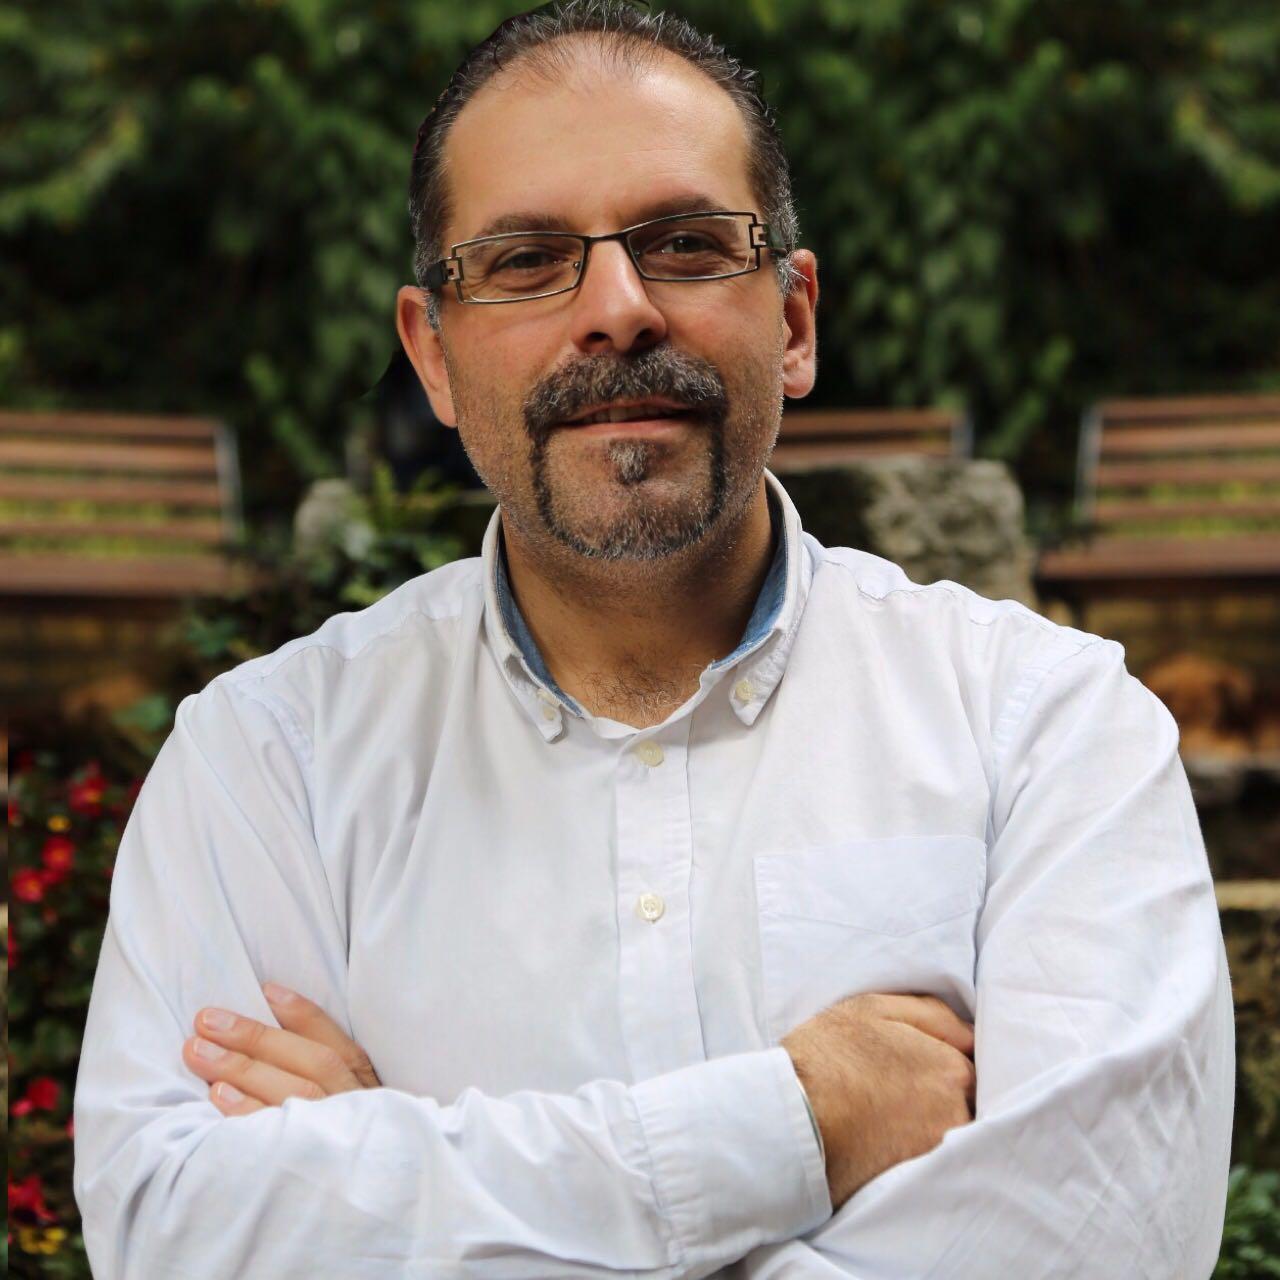 Dr. Carlos Muñiz